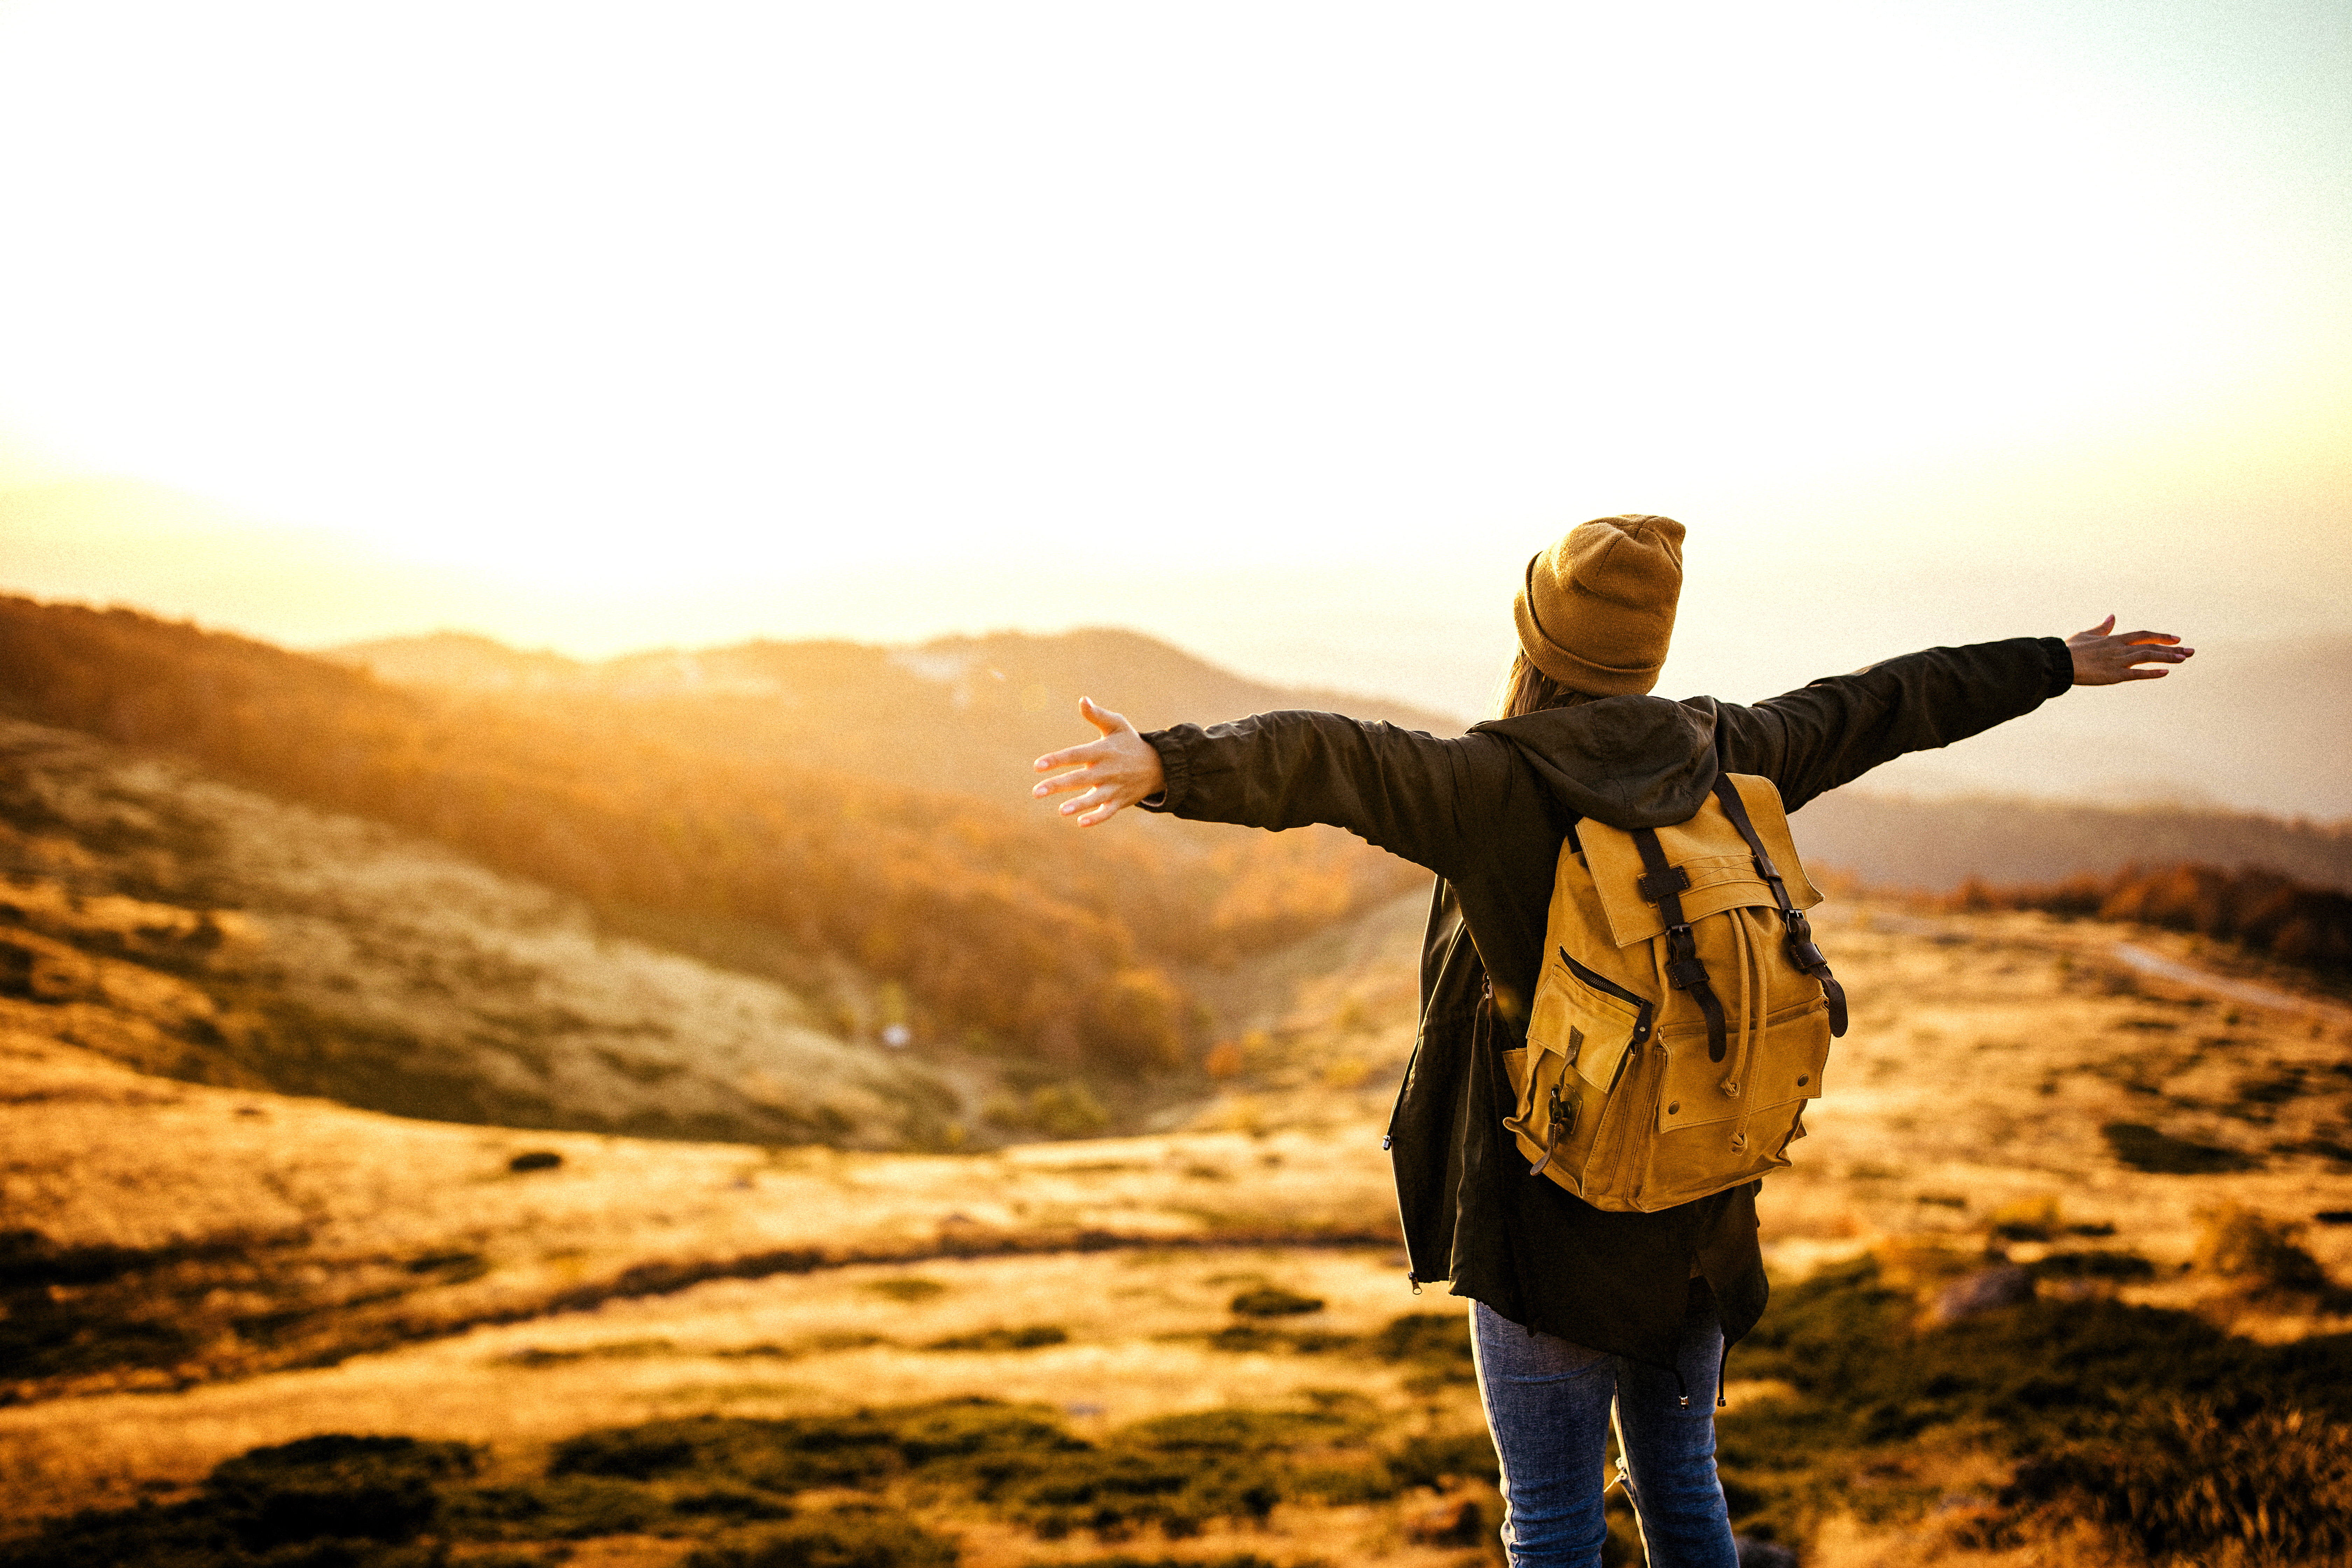 <p><strong>2. Всичко е нетрайно</strong></p>  <p>Вашите добри времена са временни, а лошите &ndash; също са временни. Затова, когато сте добре, наслаждавайте се на момента и бъдете благодарни за това. И когато сте долу, знайте, че ще преминете през това. Знайте, че това не е краят и че е просто лепенка върху раната. Животът е пълен с обрати, възходи, падения и изненади. Забравяме, че смисълът е пътуването, а не дестинацията. Във всичко има урок.</p>